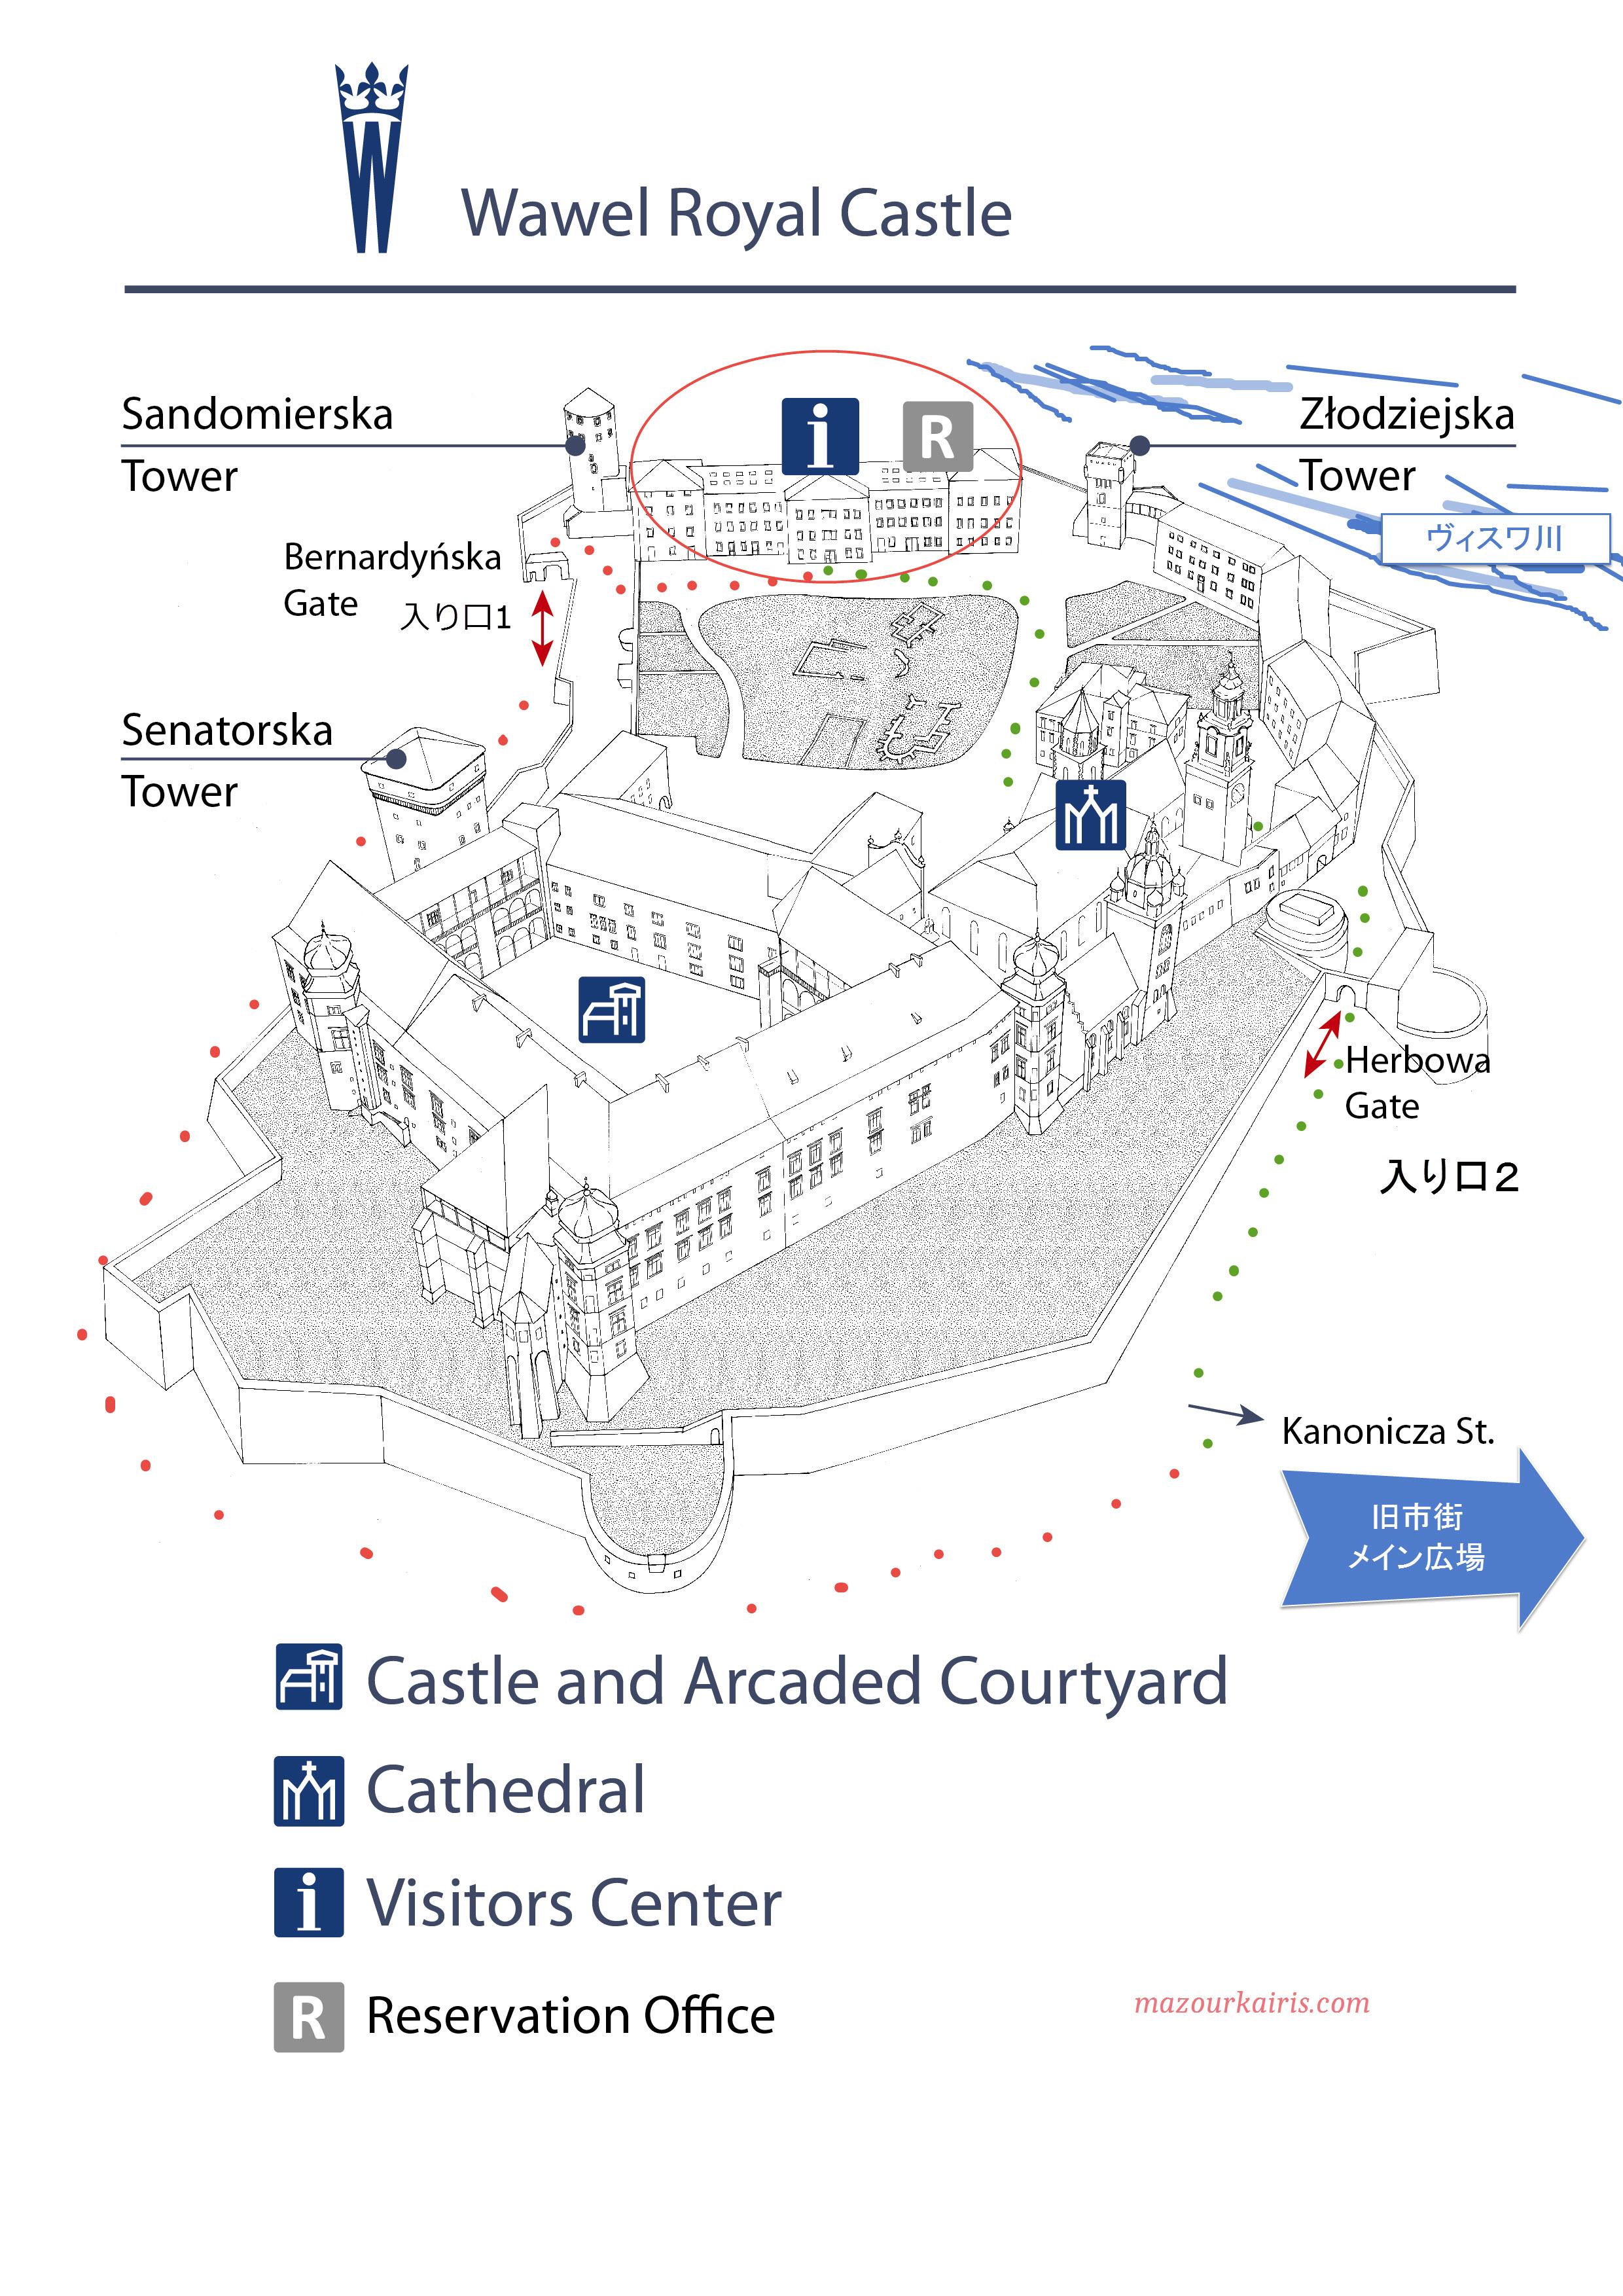 クラクフヴァヴェル城チケット予約の仕方地図